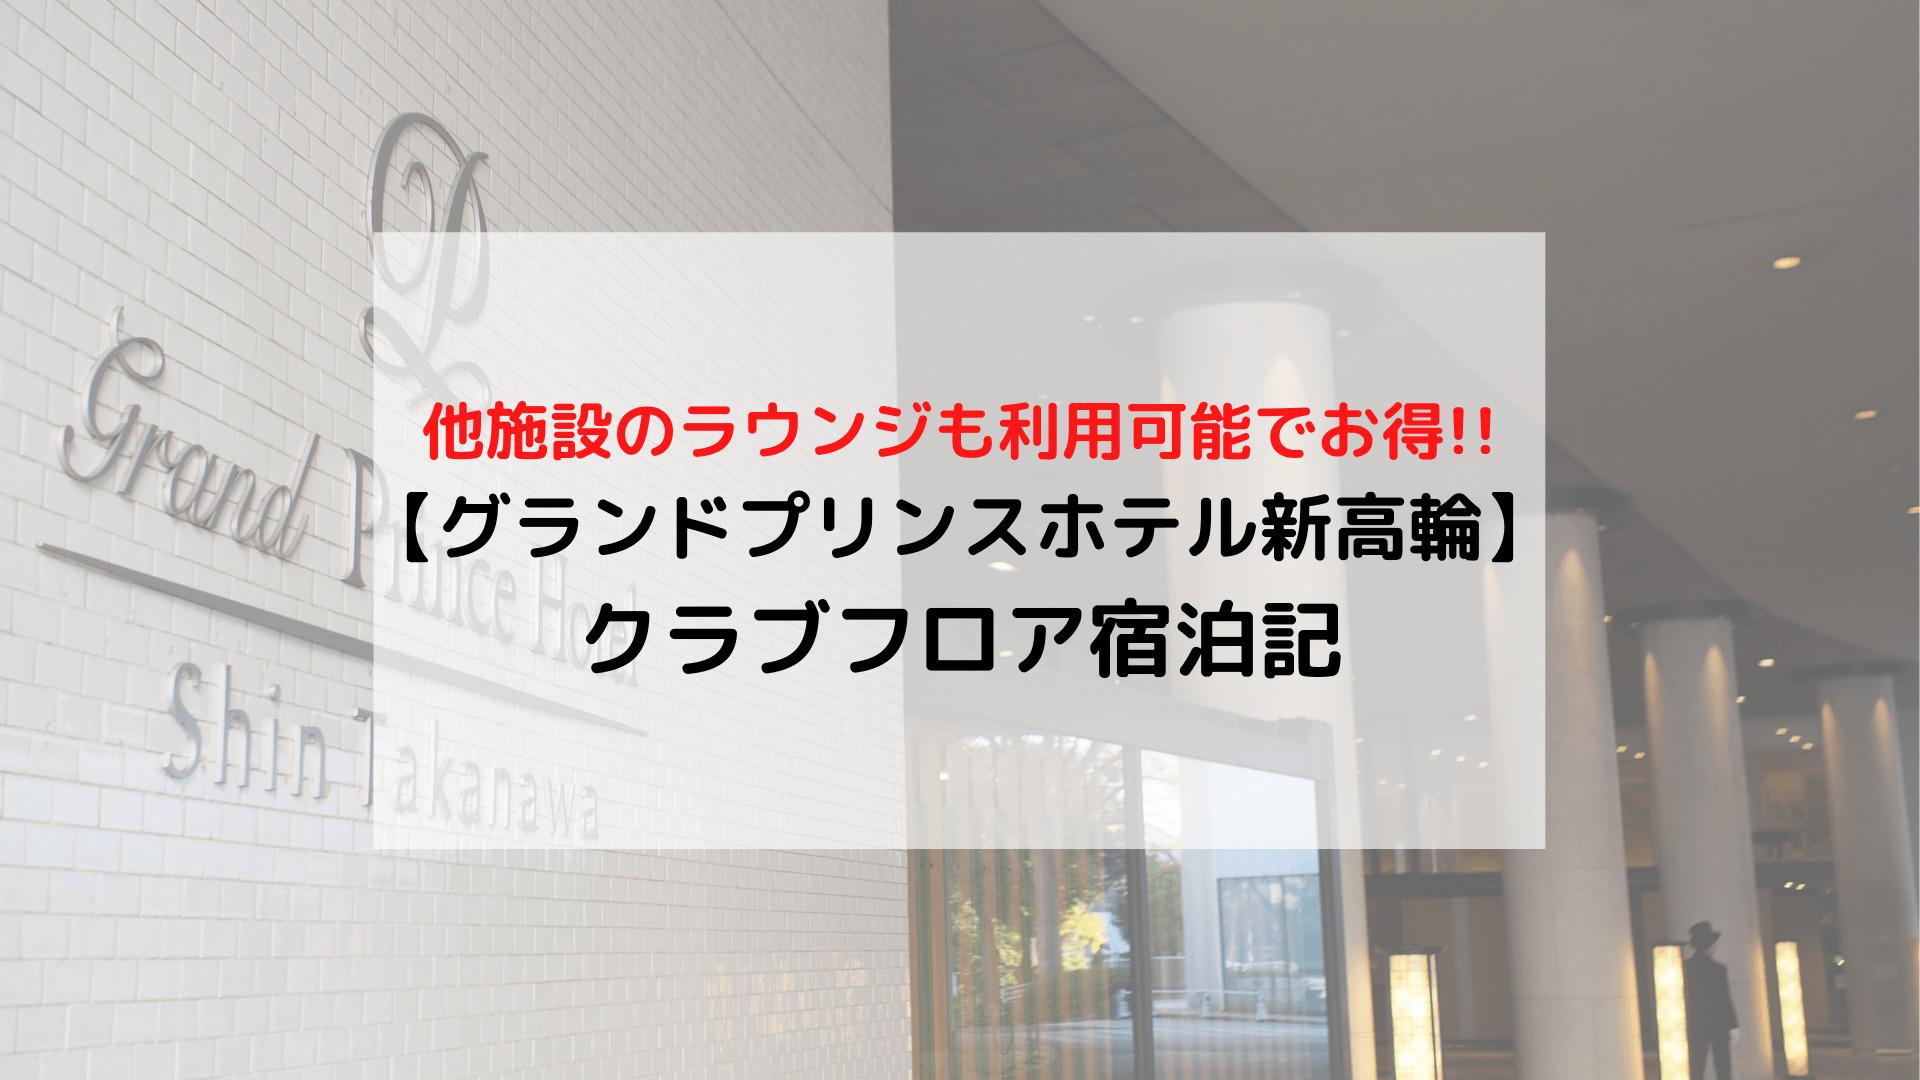 グランドプリンスホテル新高輪新高輪 クラブフロア宿泊記